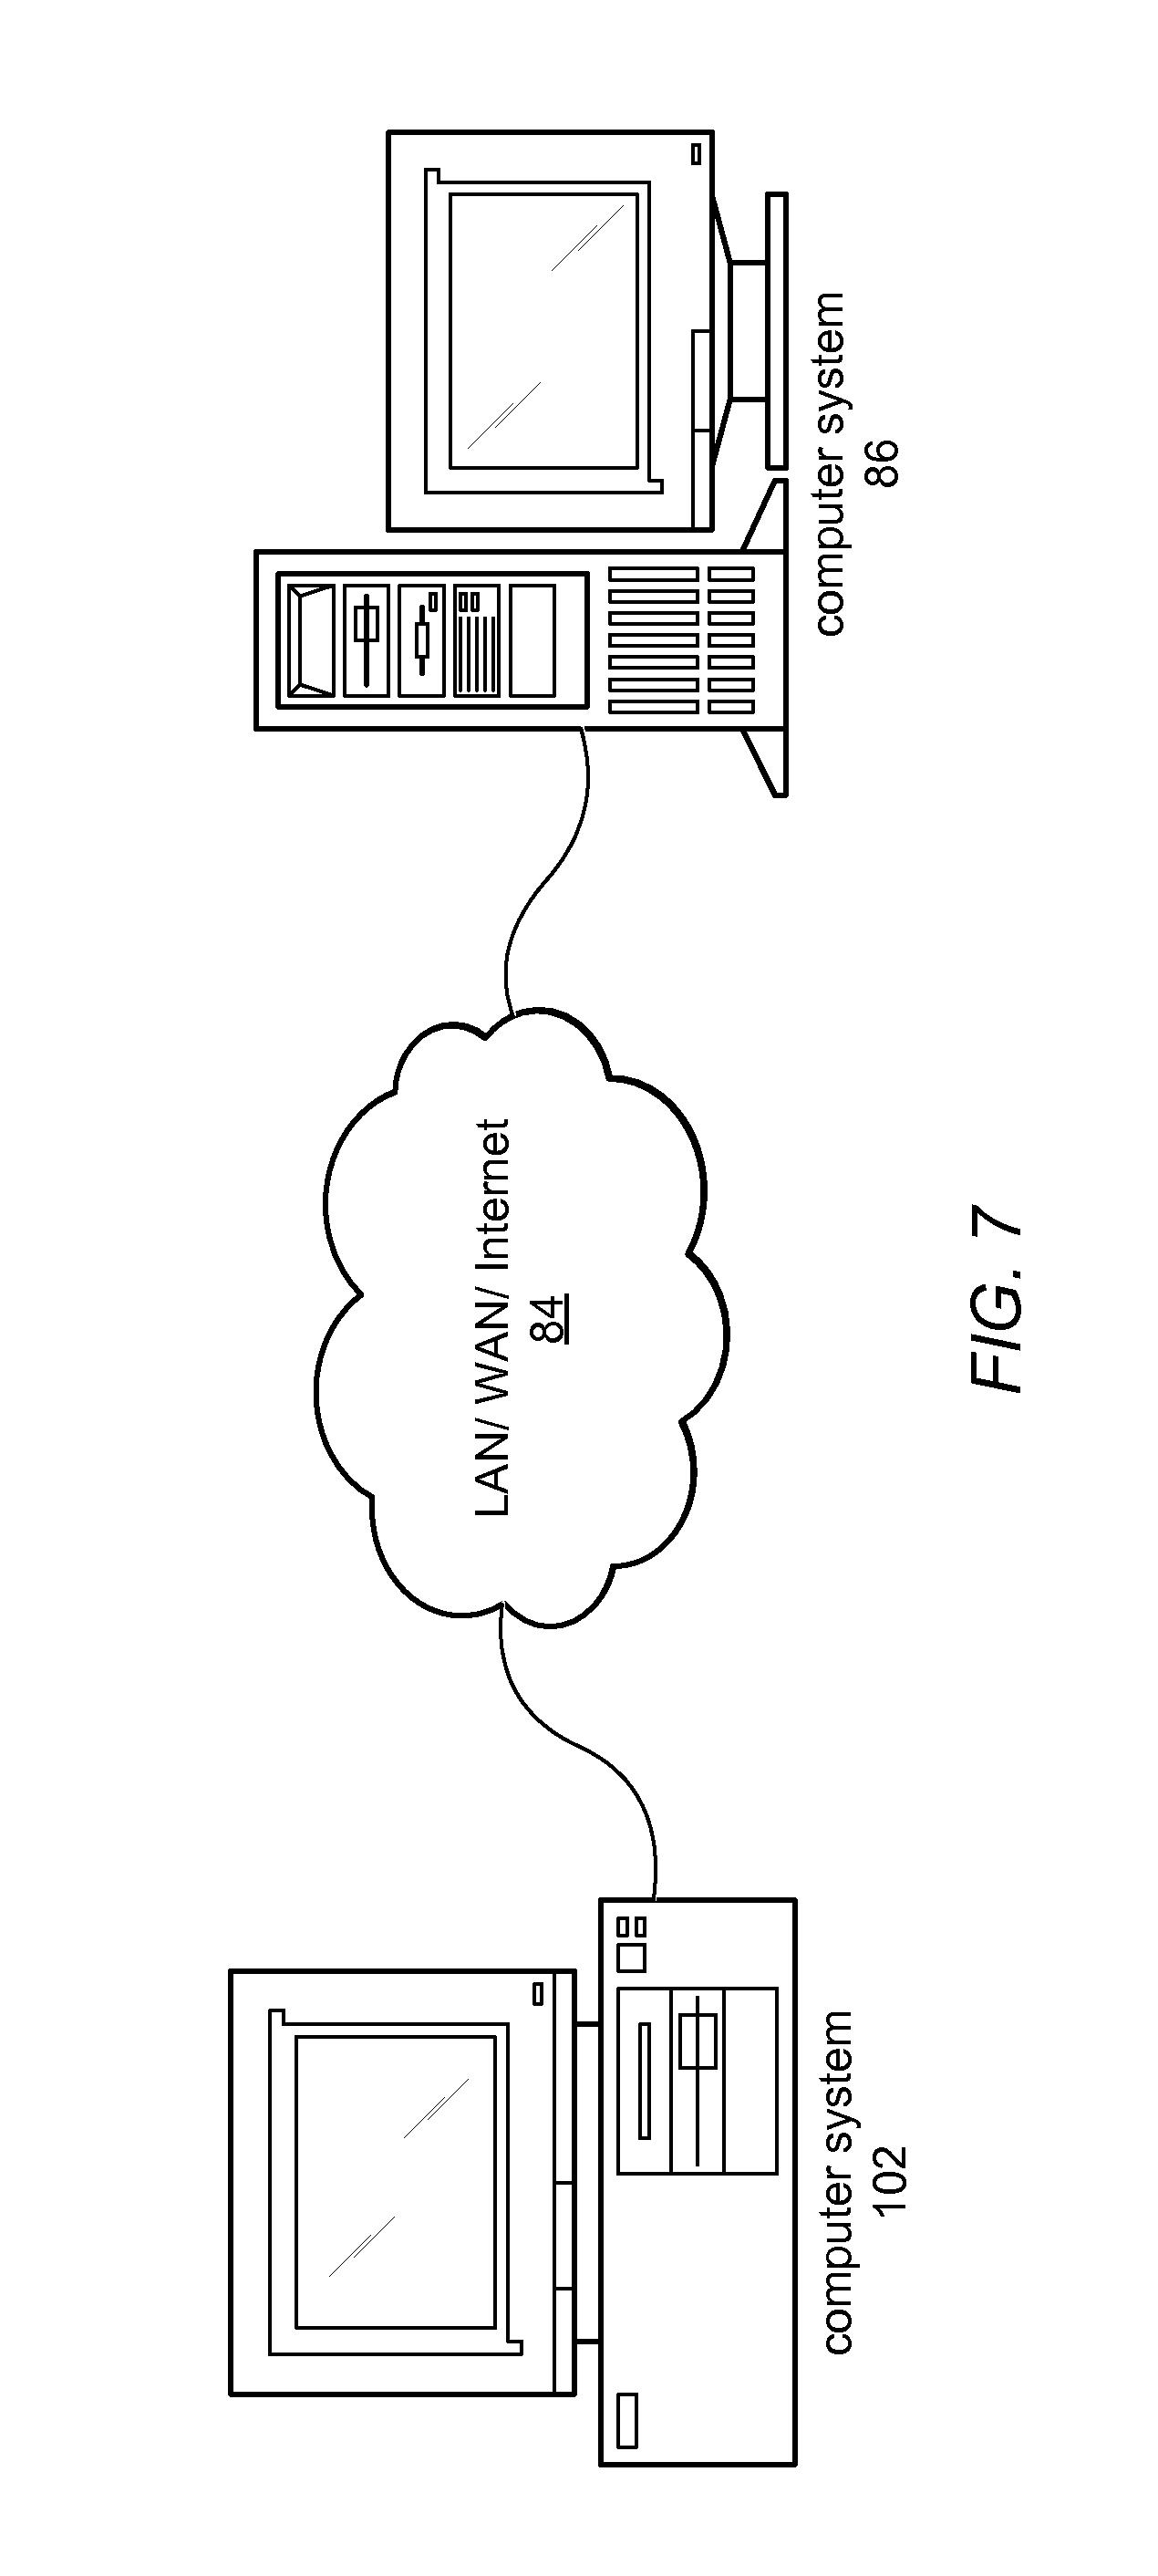 patent us20070168943